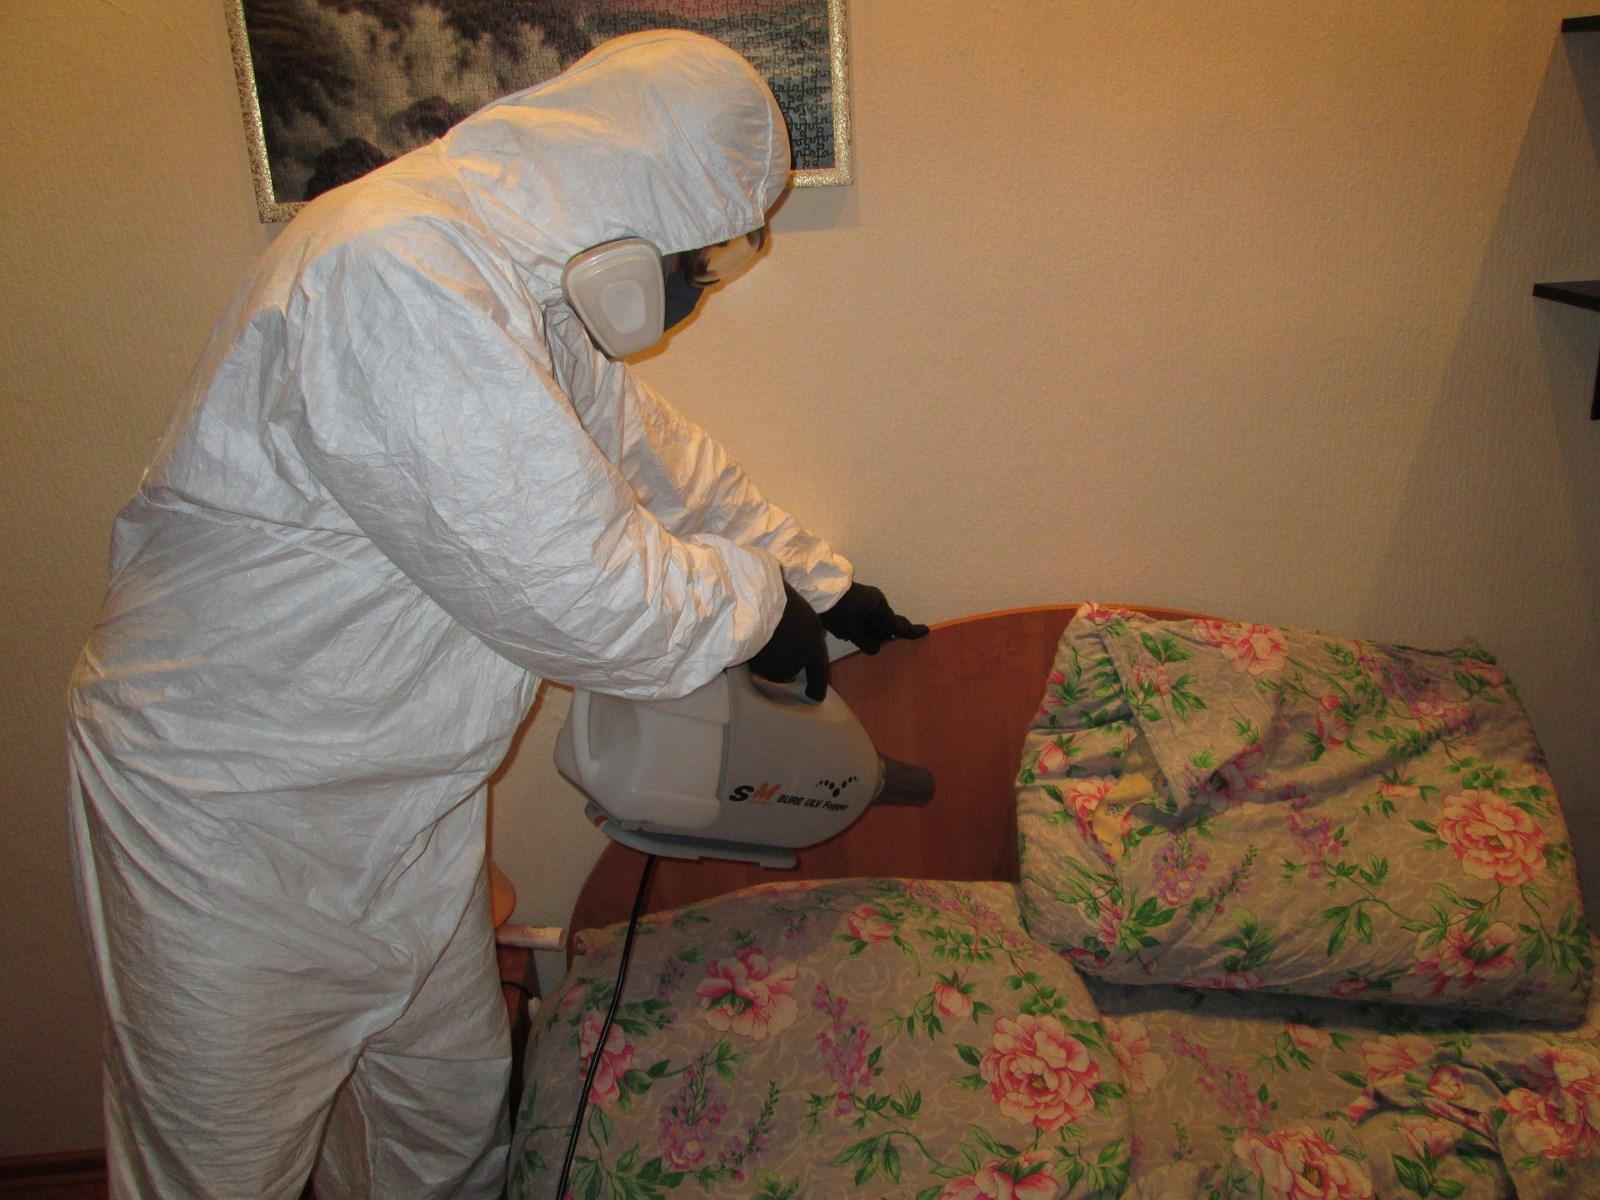 Уничтожение клопов в квартире в москве с гарантией– цены